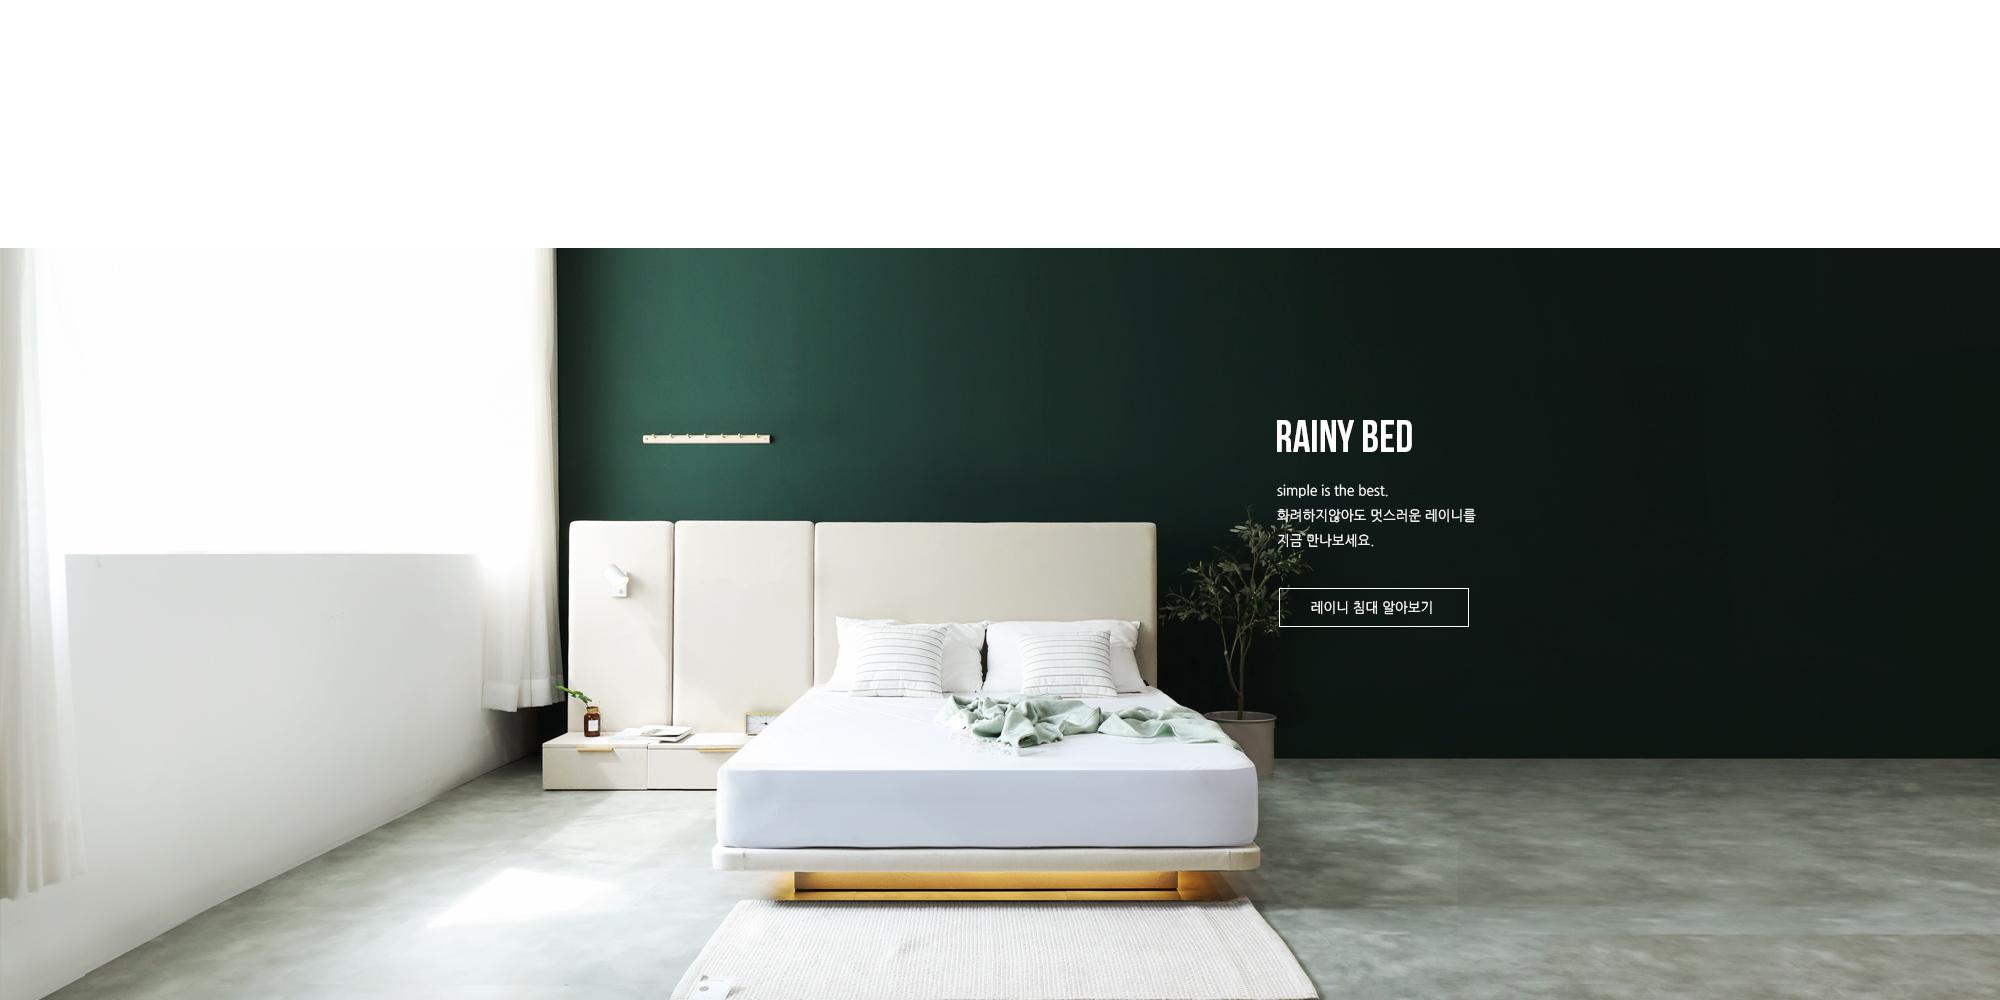 RAINY BED